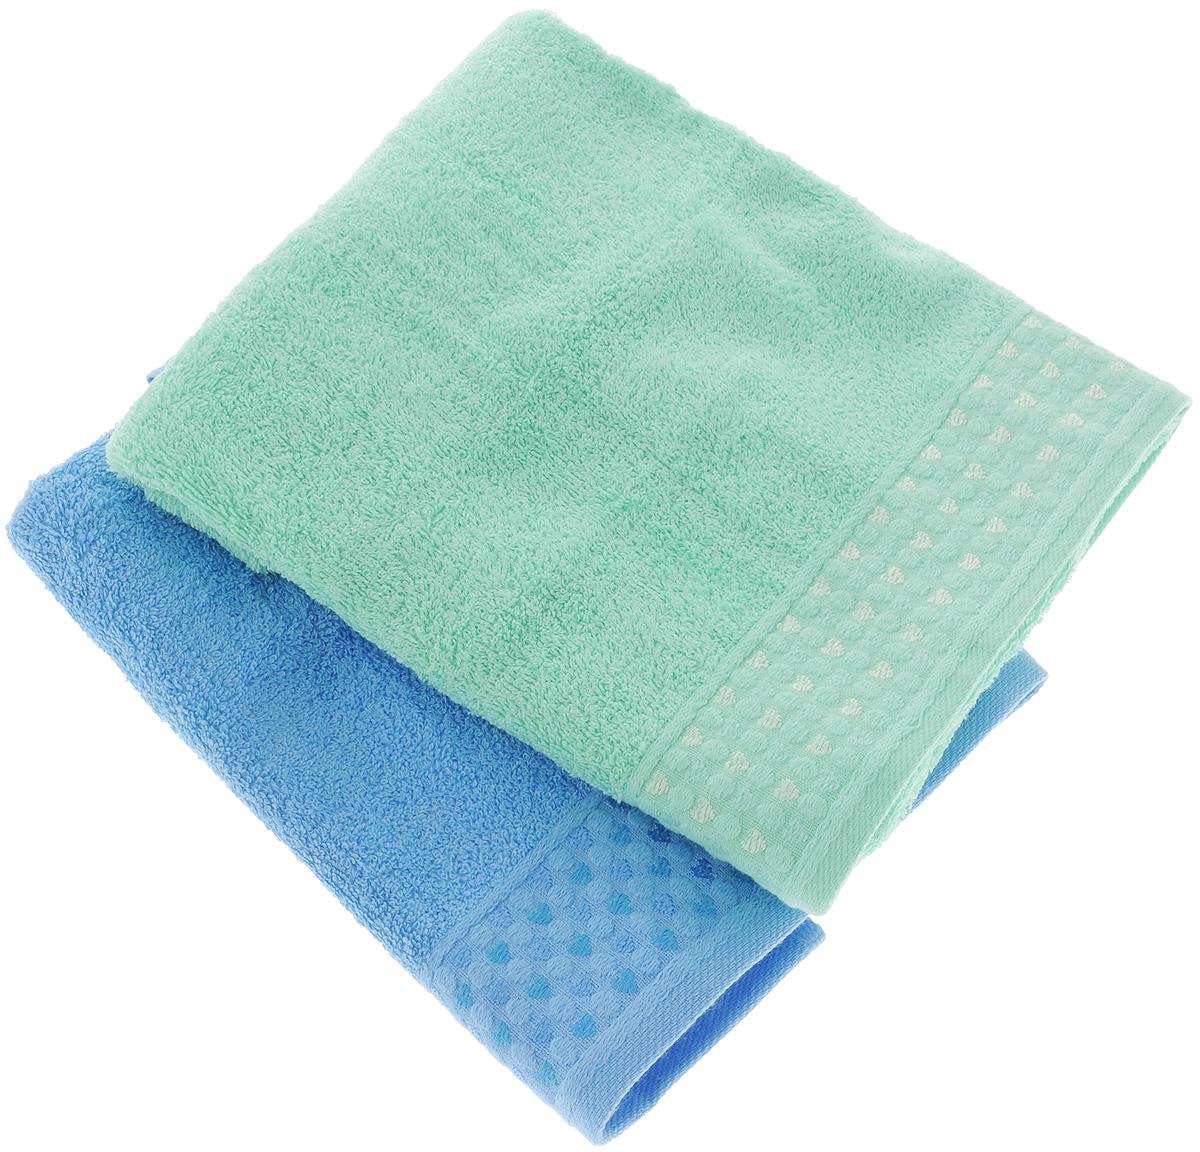 Набор полотенец Tete-a-Tete Сердечки, цвет: голубой, бирюзовый, 50 х 90 см, 2 штУНП-107-02-2кНабор Tete-a-Tete Сердечки состоит из двух махровых полотенец, выполненных из натурального 100% хлопка. Бордюр полотенец декорирован рисунком сердечек. Изделия мягкие, отлично впитывают влагу, быстро сохнут, сохраняют яркость цвета и не теряют форму даже после многократных стирок. Полотенца Tete-a-Tete Сердечки очень практичны и неприхотливы в уходе. Они легко впишутся в любой интерьер благодаря своей нежной цветовой гамме. Набор упакован в красивую коробку и может послужить отличной идеей для подарка. Размер полотенец: 50 х 90 см.